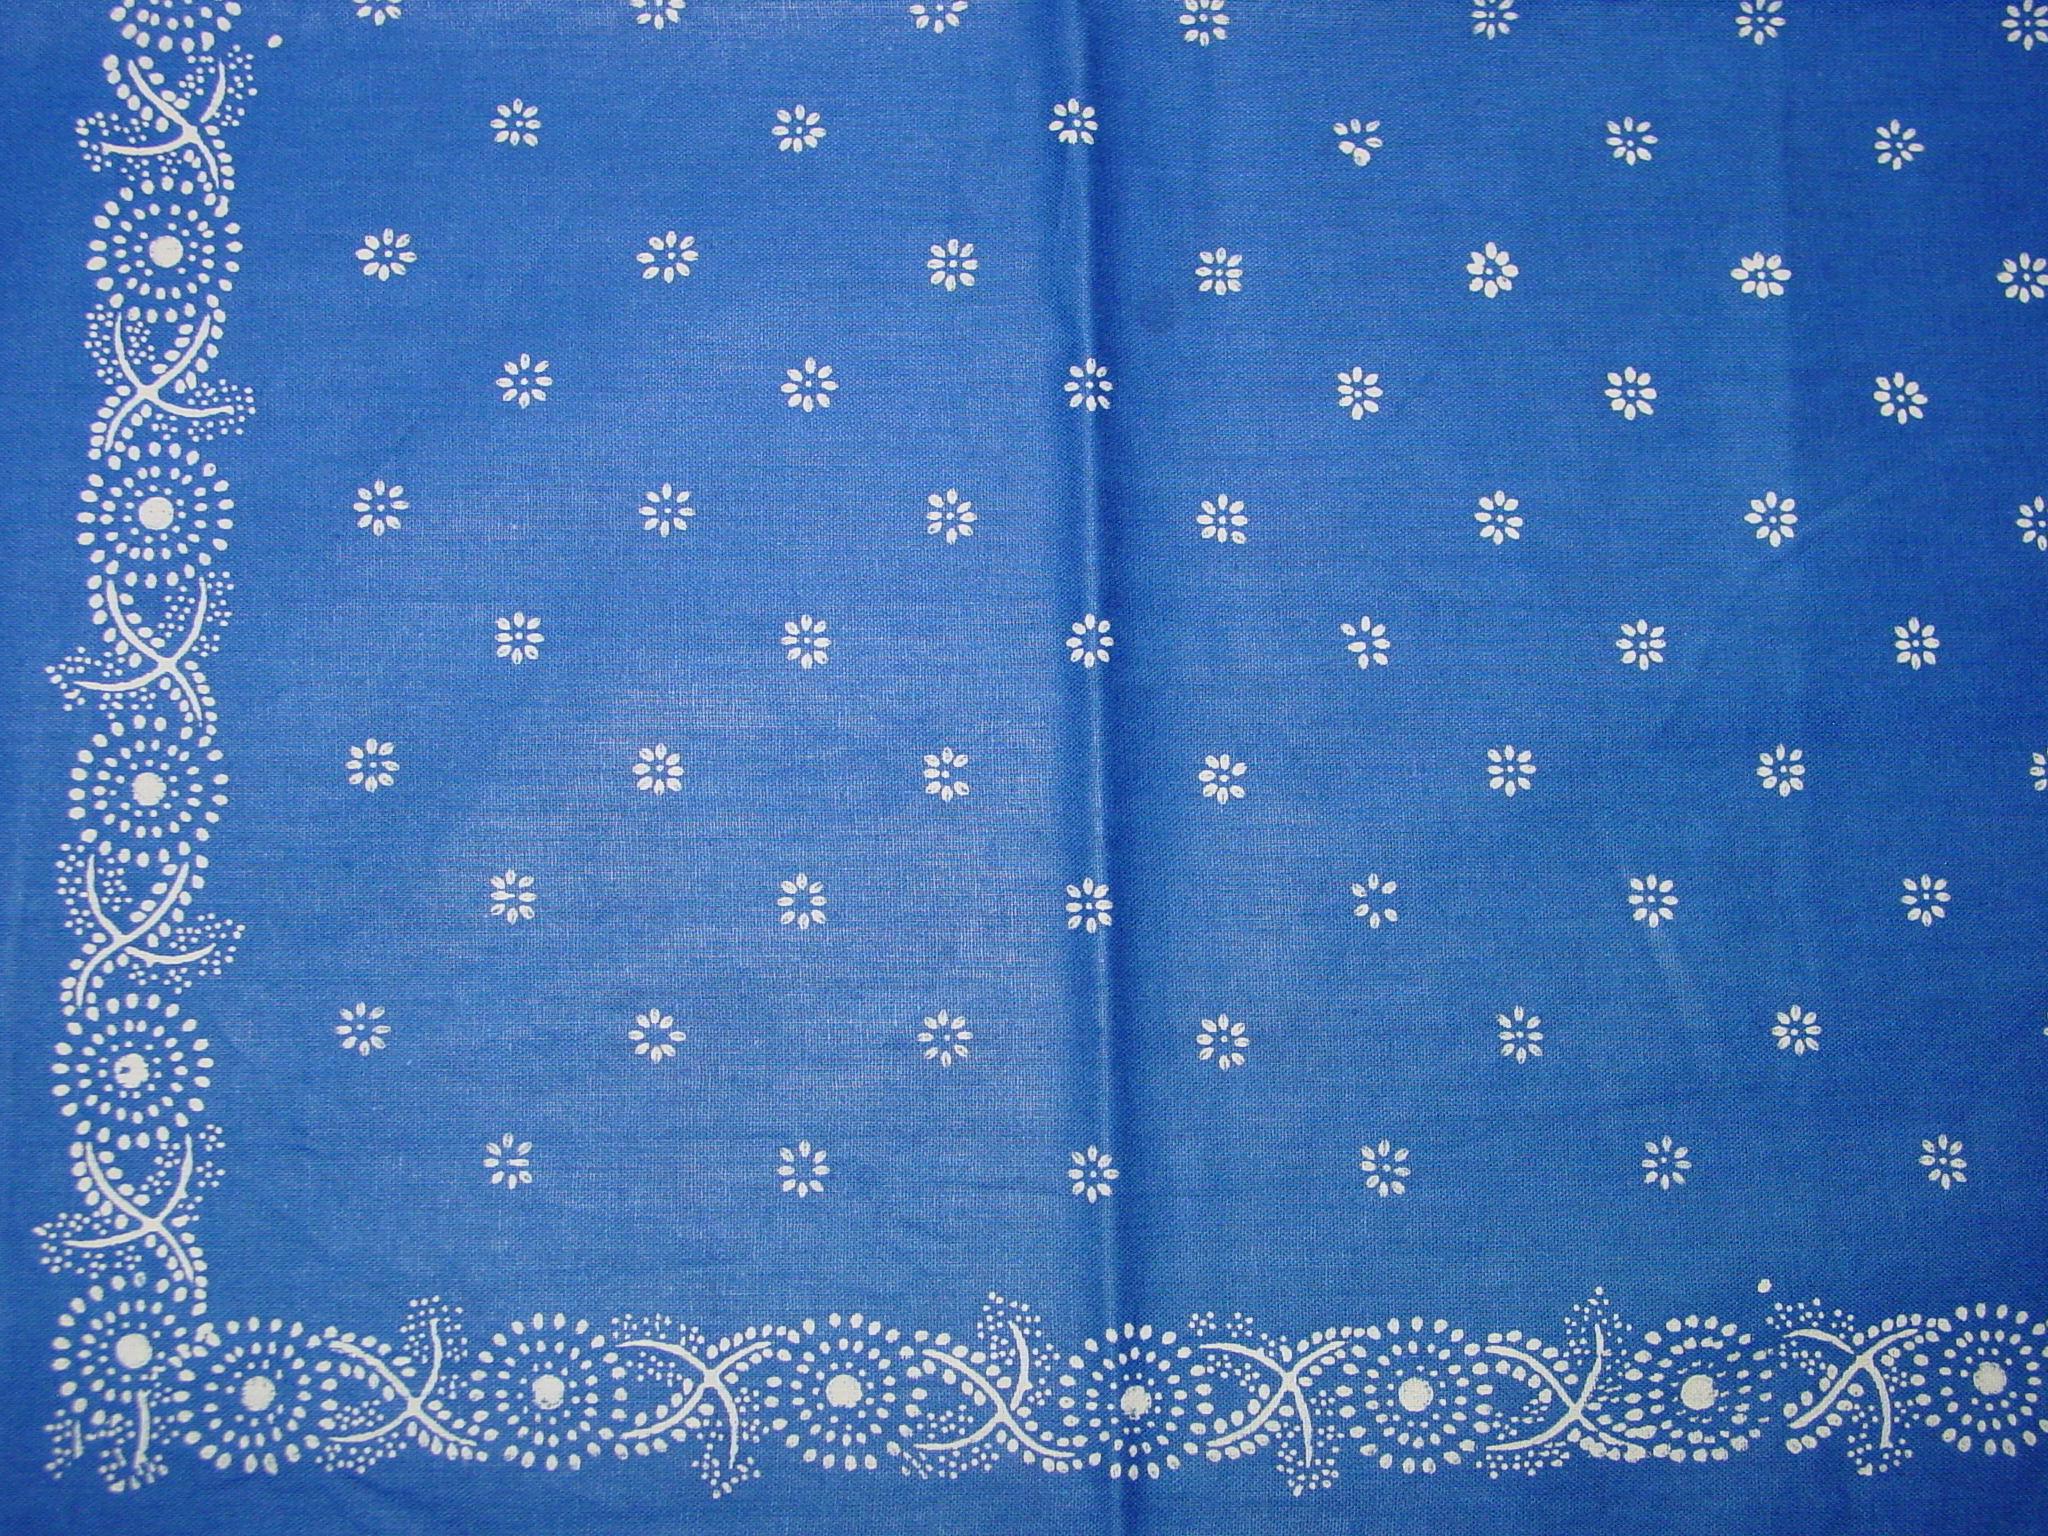 Blaudruck - Deckchen 6123-1211